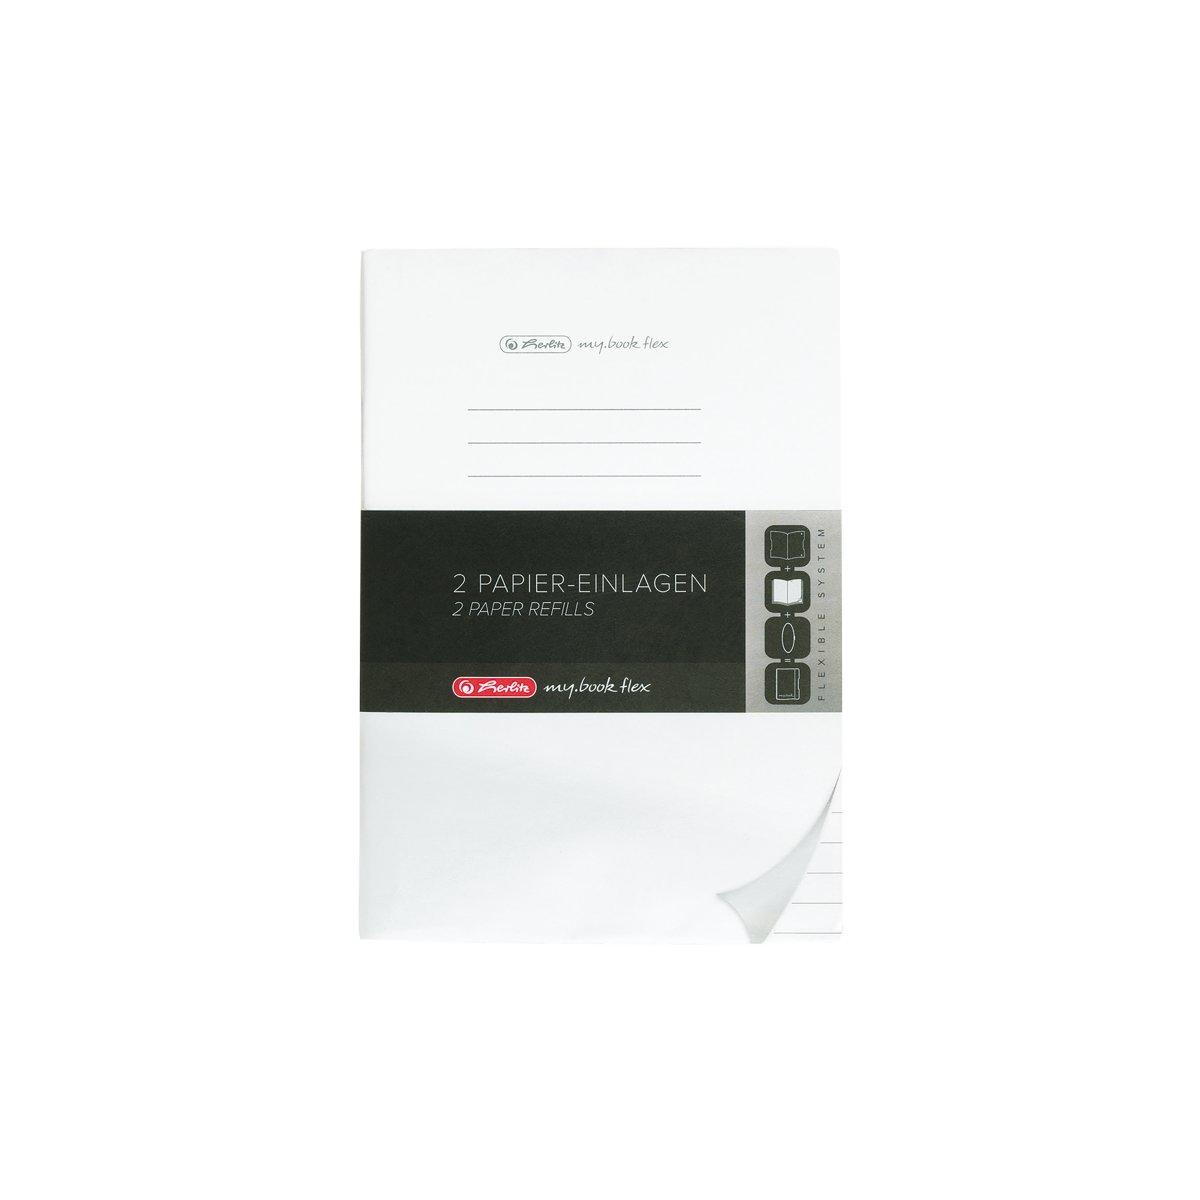 Herlitz 50034093 - Ersatzeinlagen - für Notizheft my.book flex - DIN A4